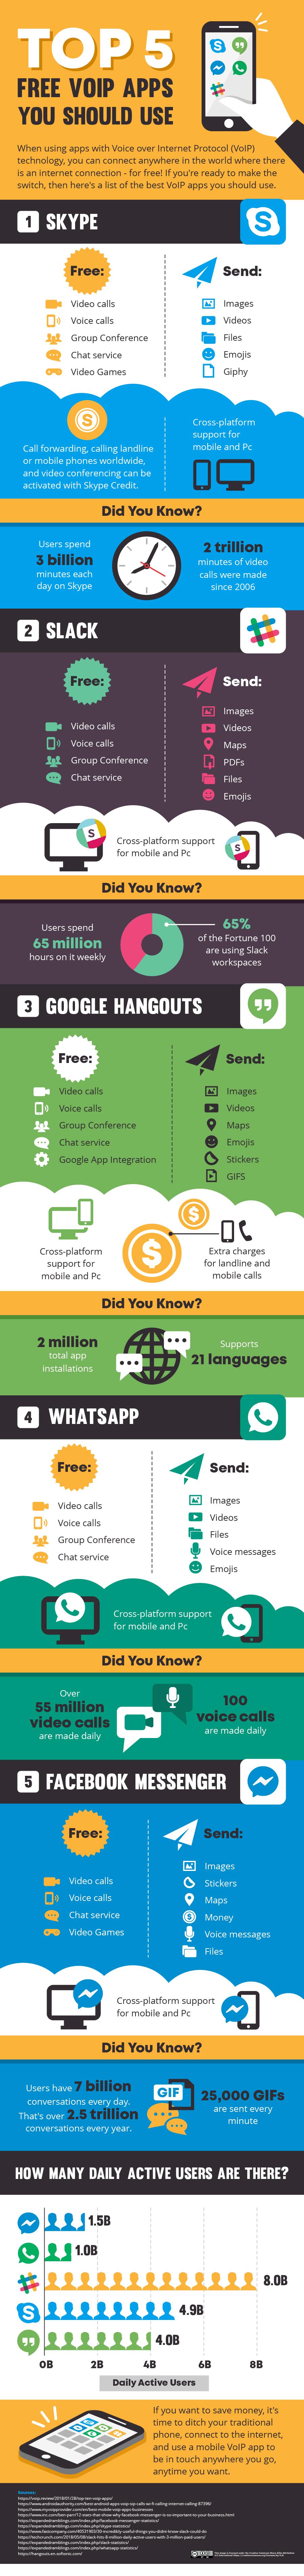 Top 5 VoIP Apps